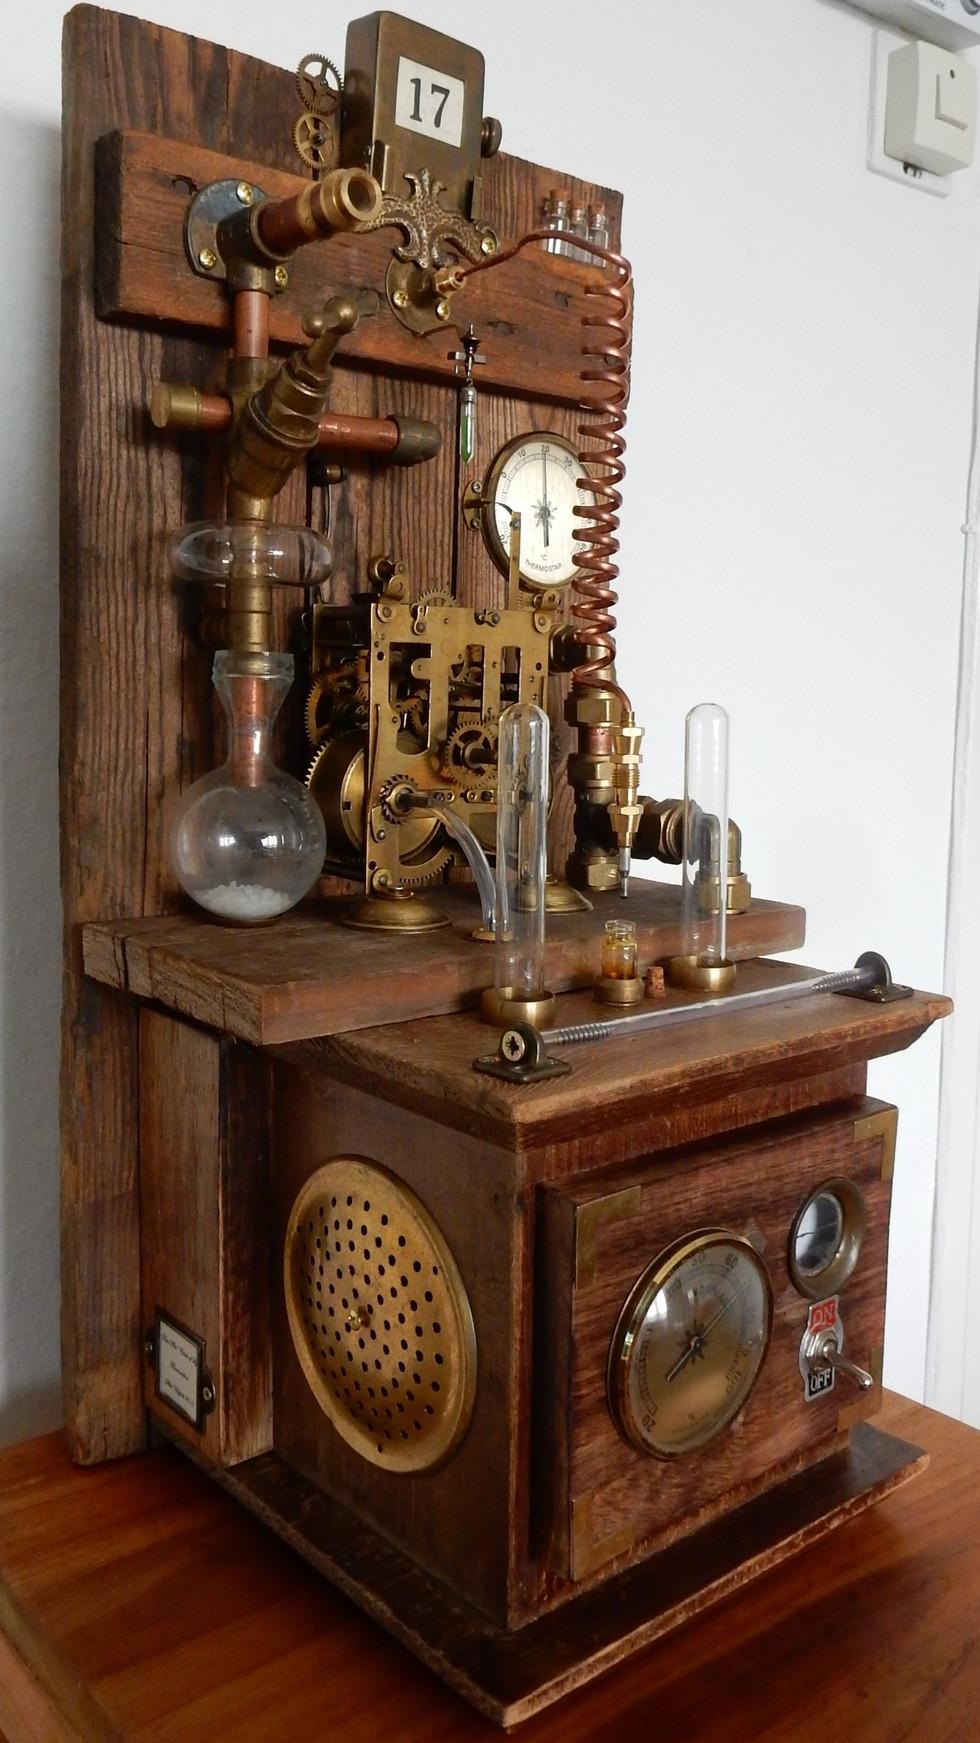 Elixer of Life Timemachine